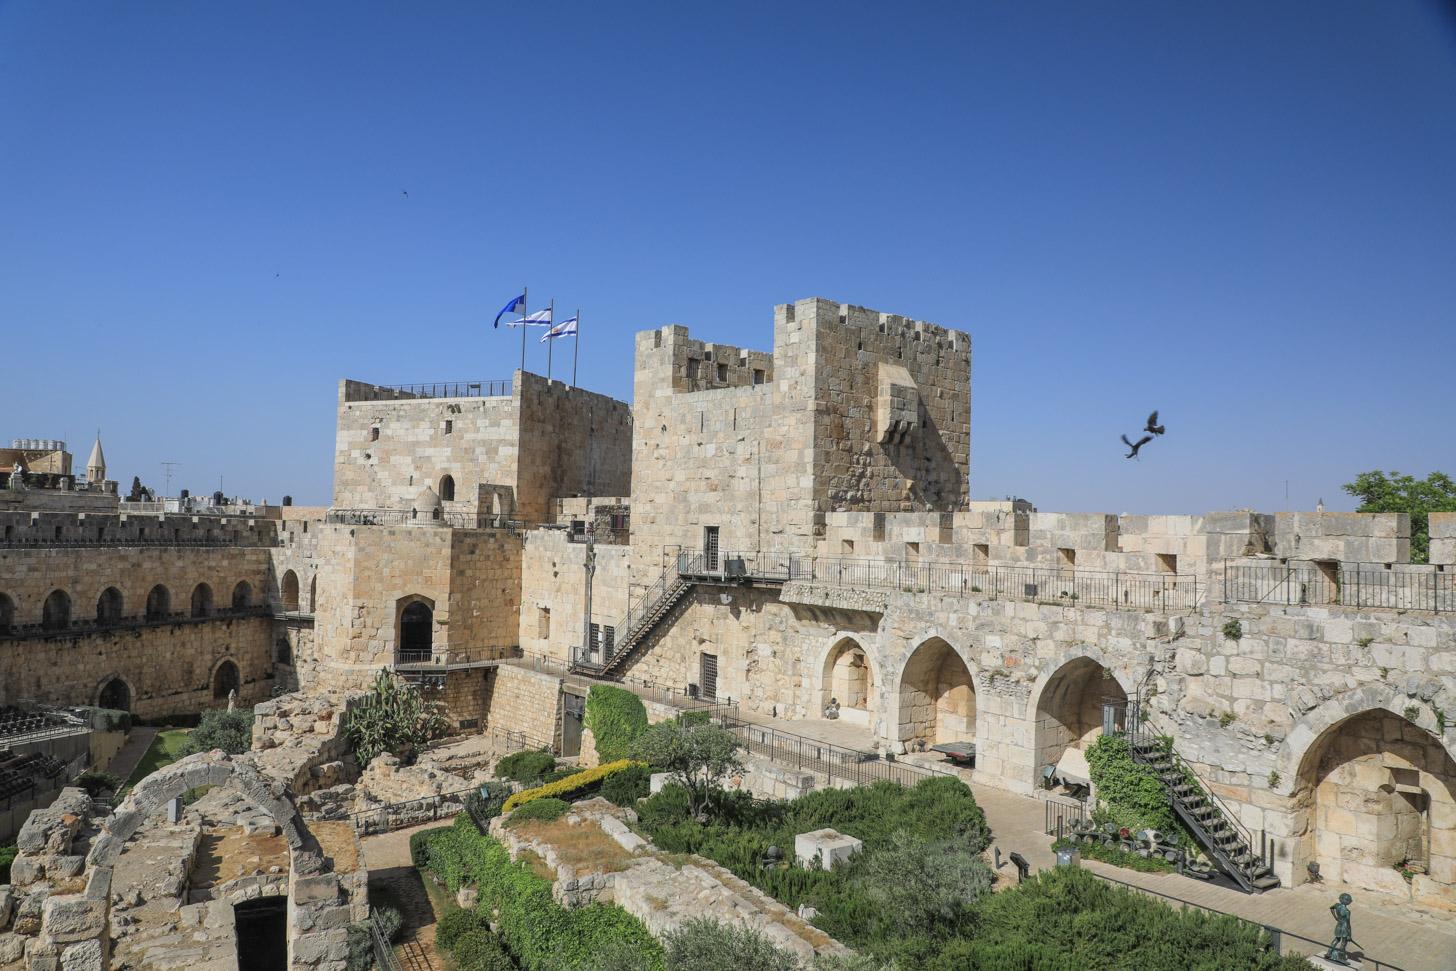 Toren van David